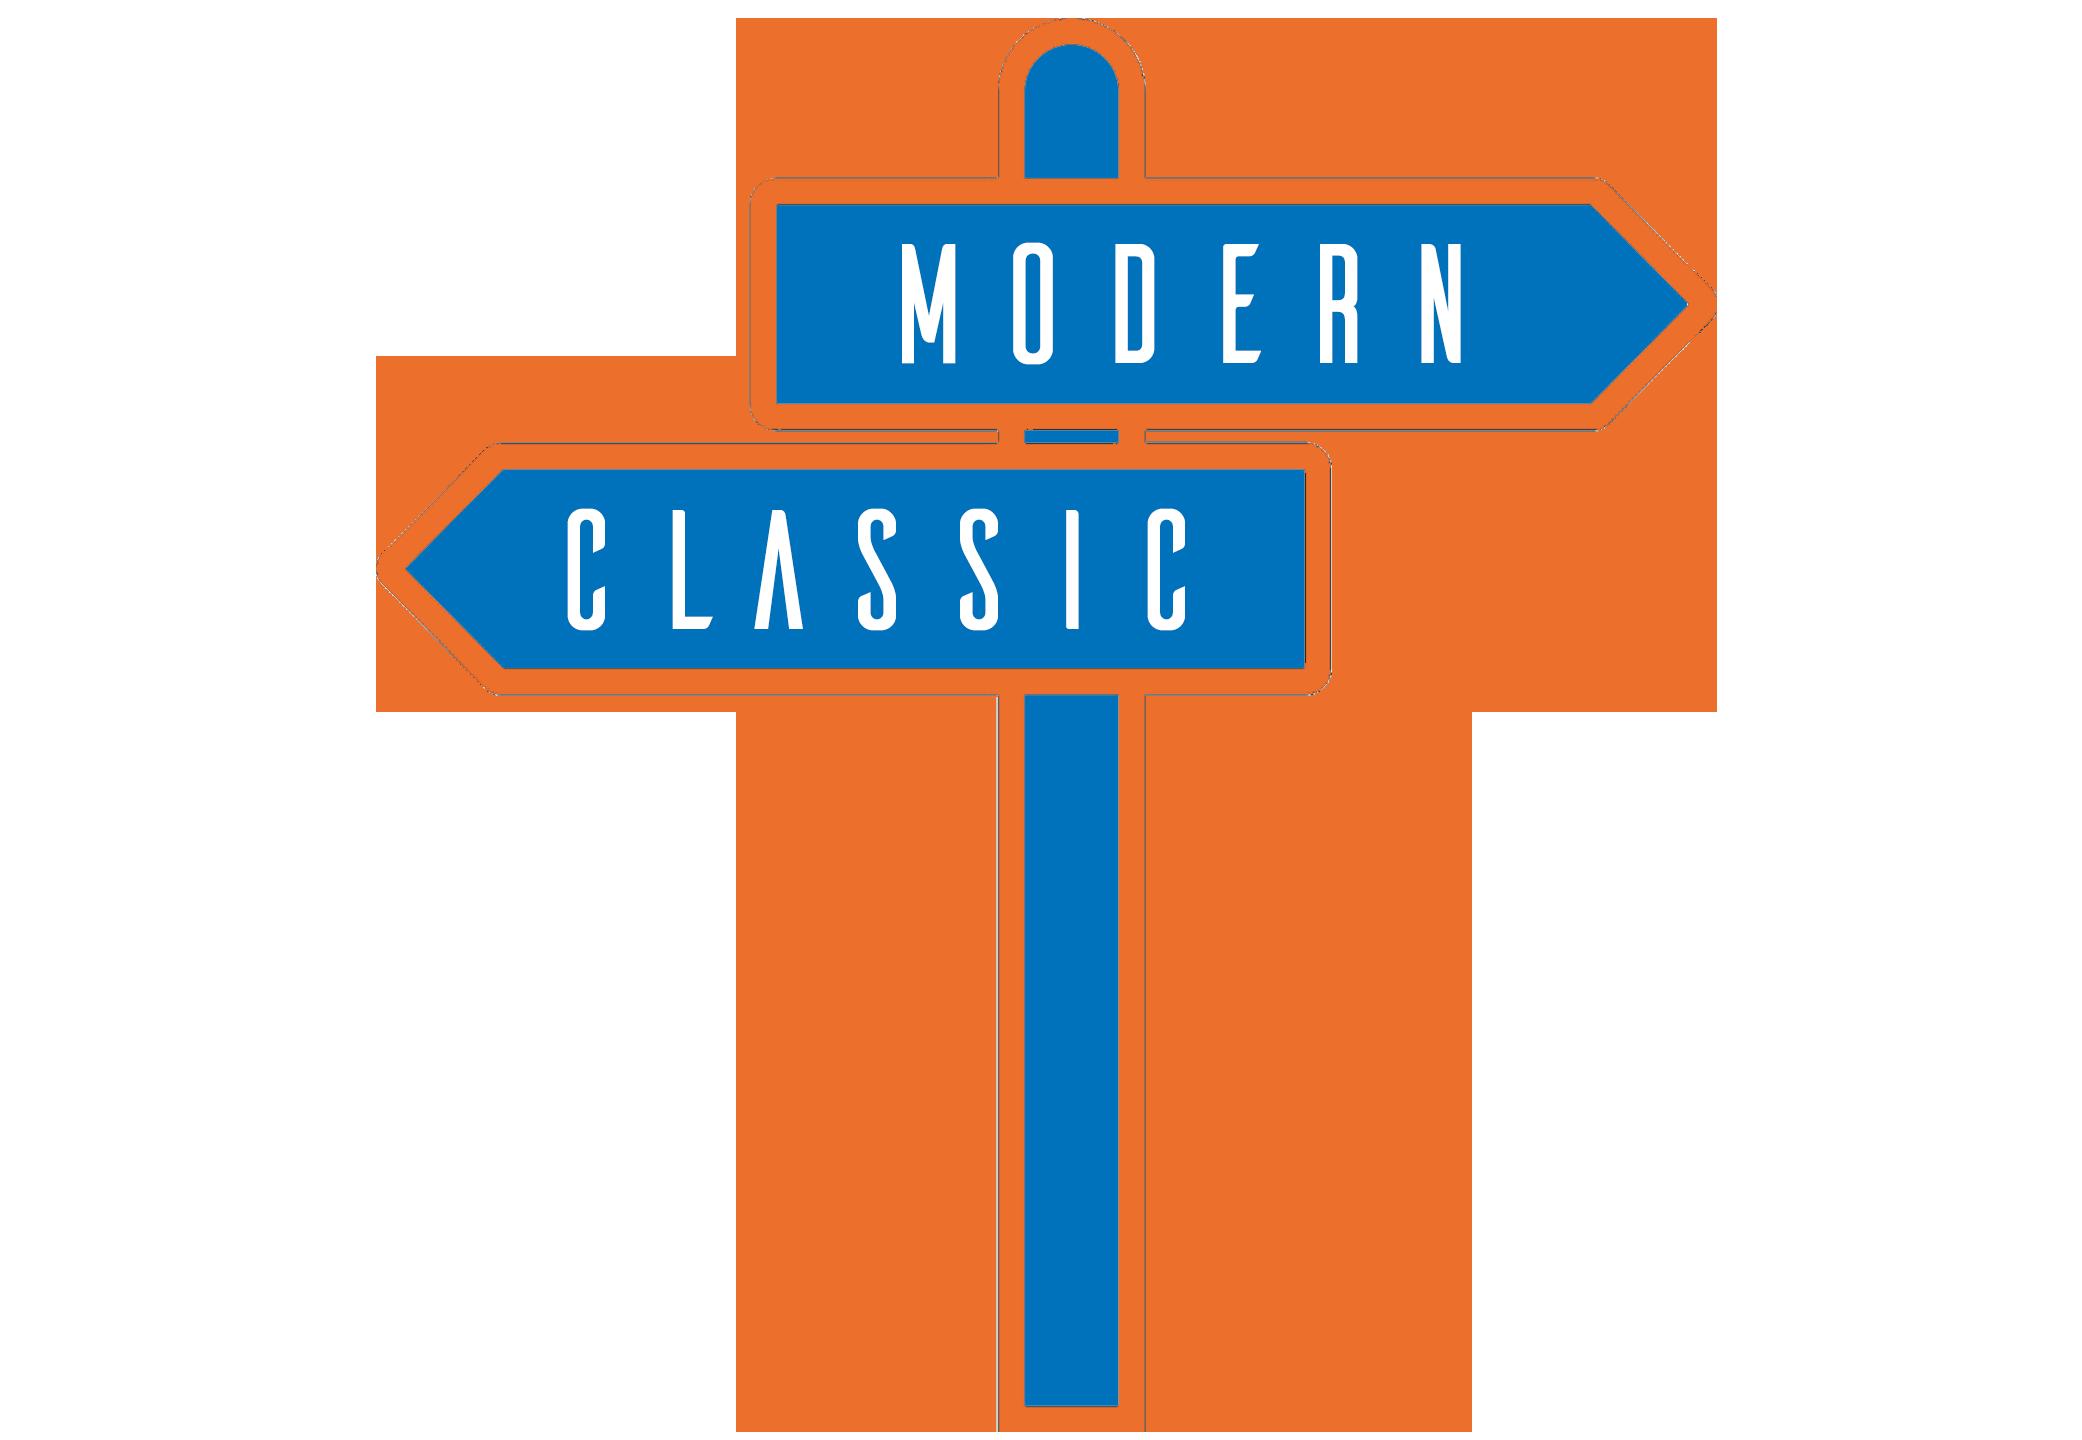 ClassicVsModern